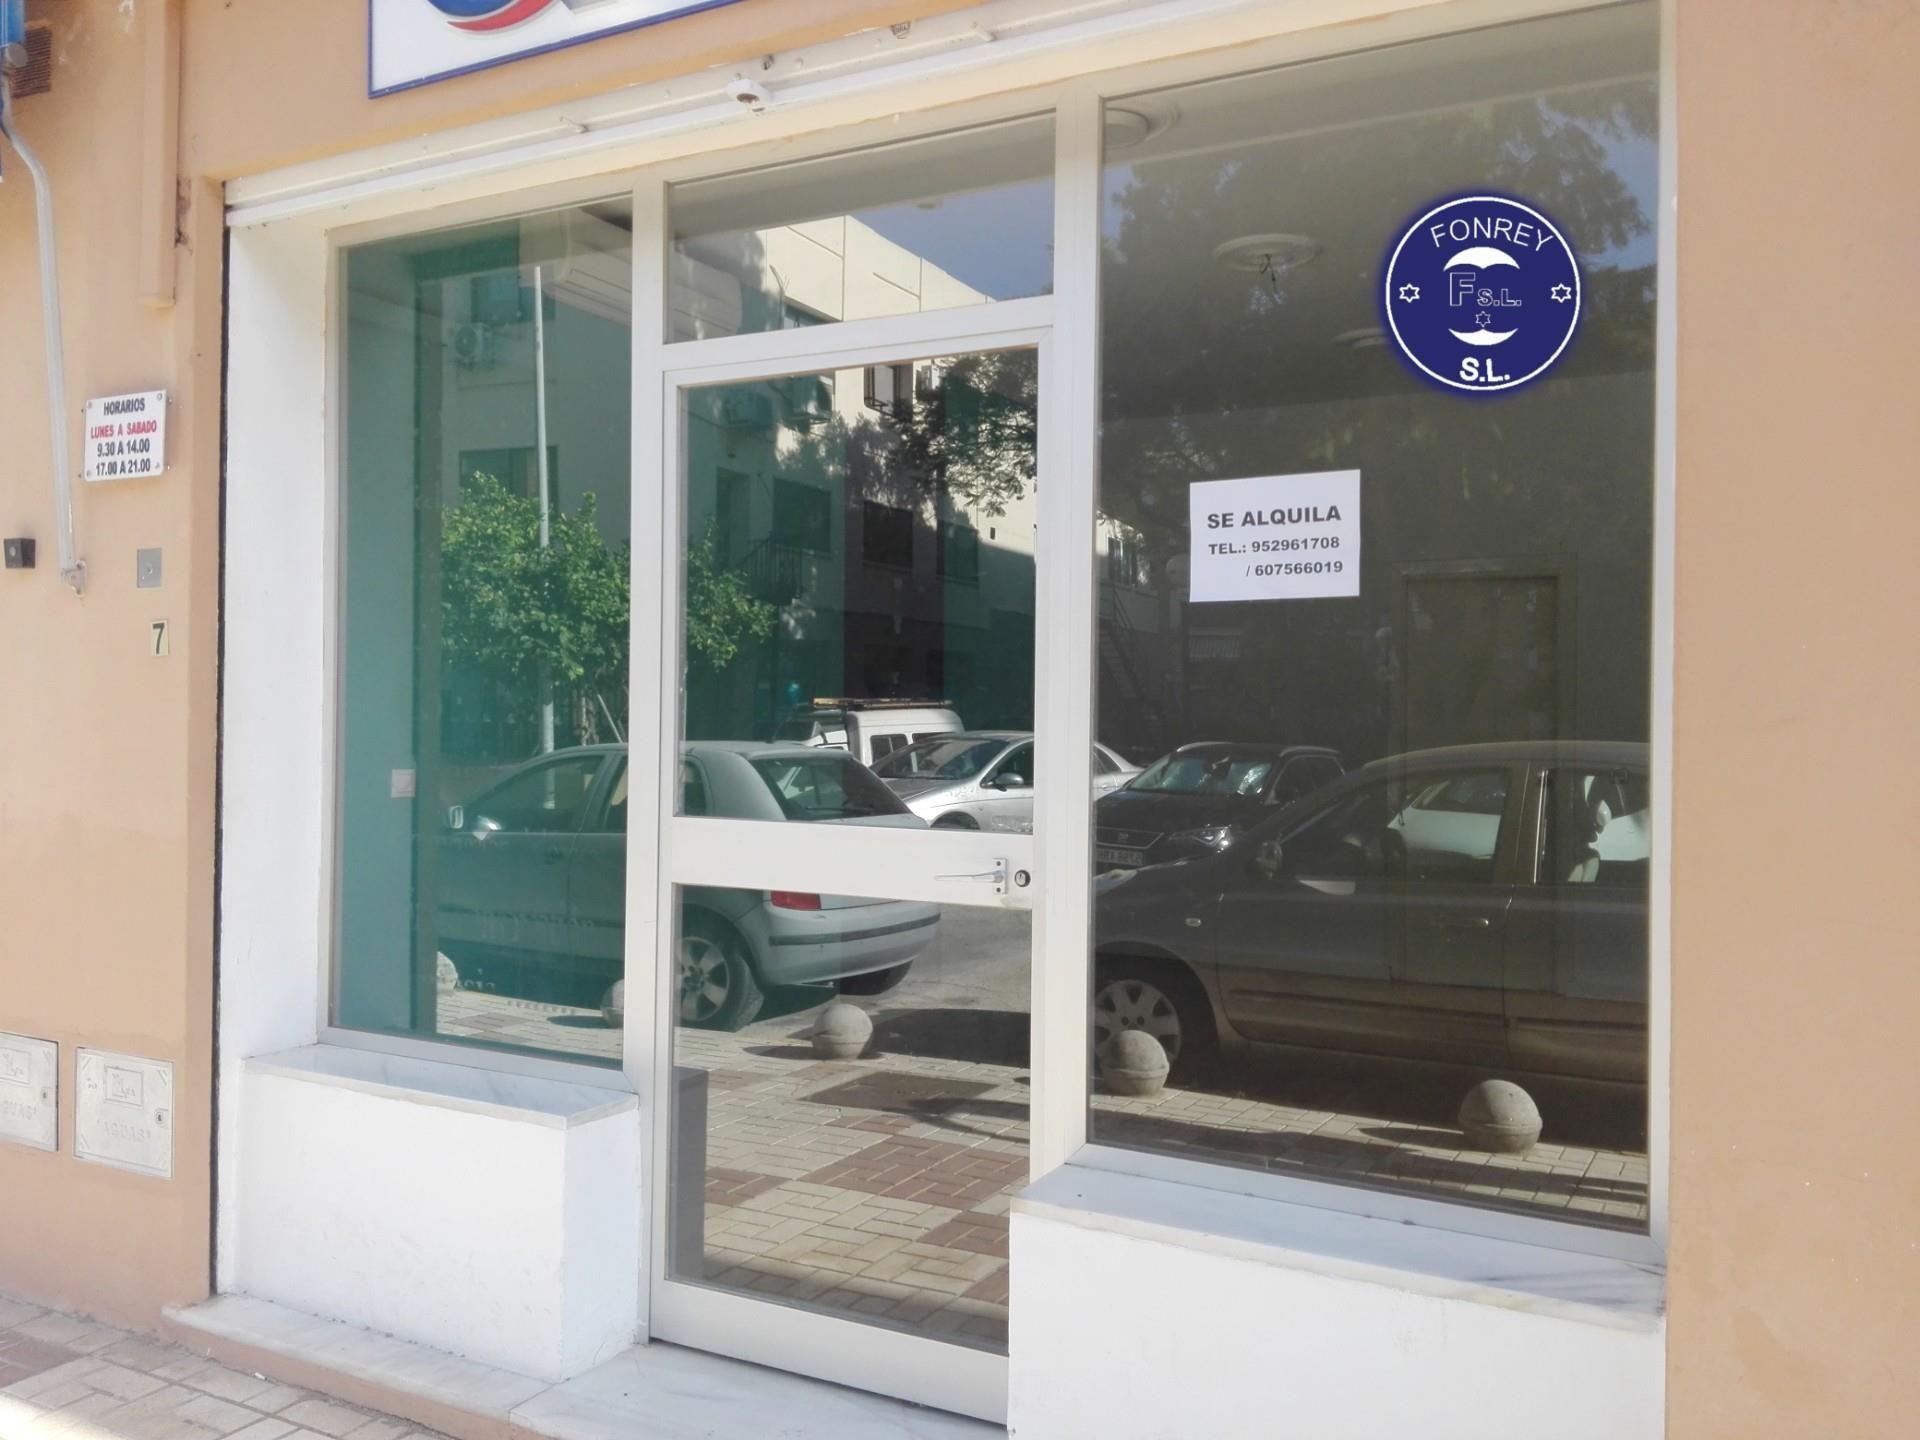 Local de alquiler en Avenida de la Constitución, 19, Arroyo de la Miel (Benalmádena, Málaga)